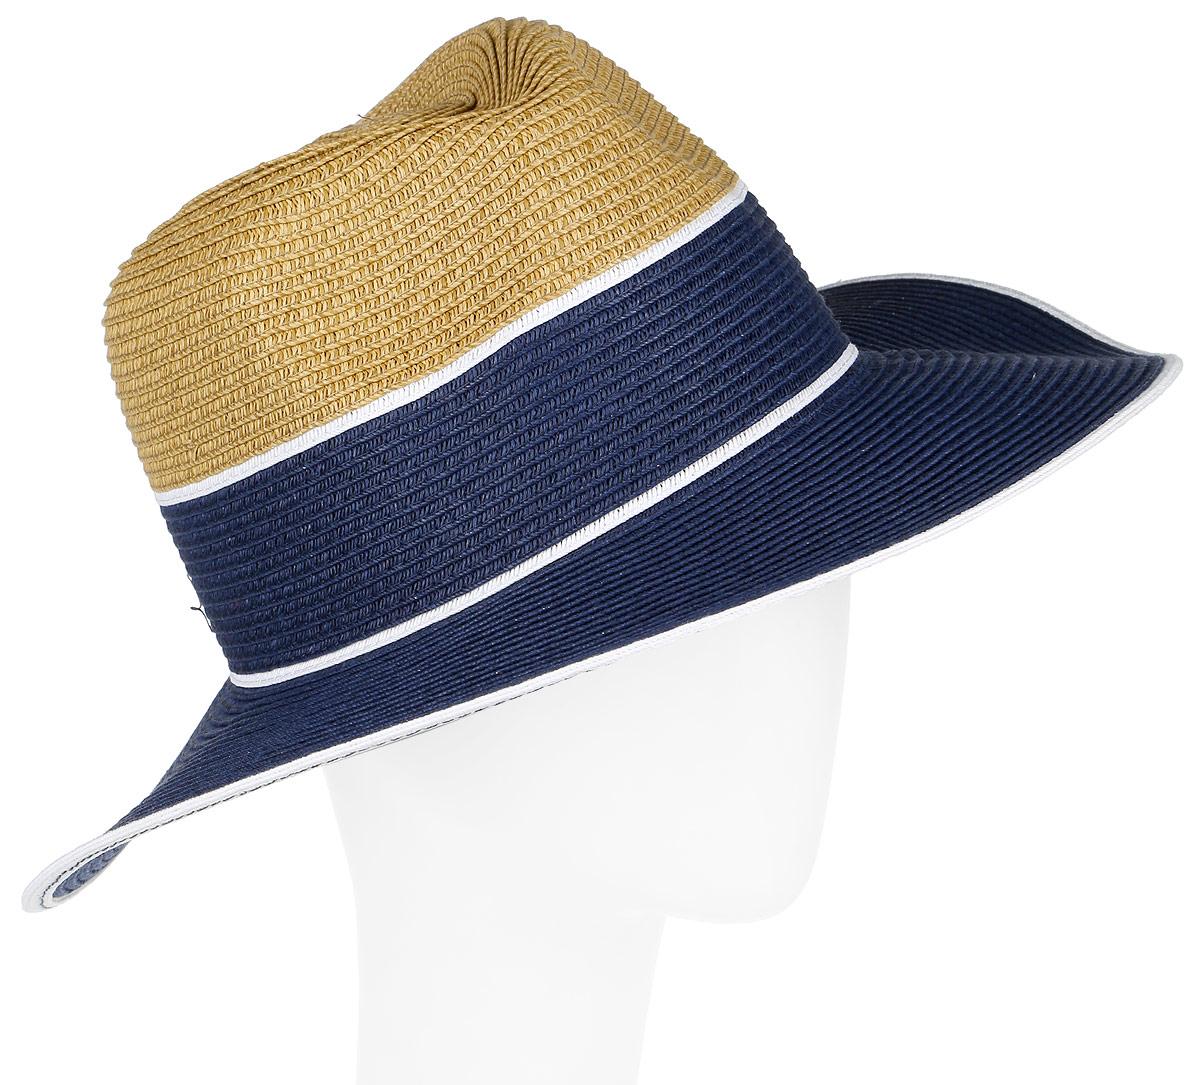 Шляпа женская Fabretti, цвет: бежевый, голубой. G33-3/5. Размер универсальныйG33-3/5 BEIGE/BLUEСтильная шляпа от Fabretti для пляжного отдыха и прогулок в солнечные дни.